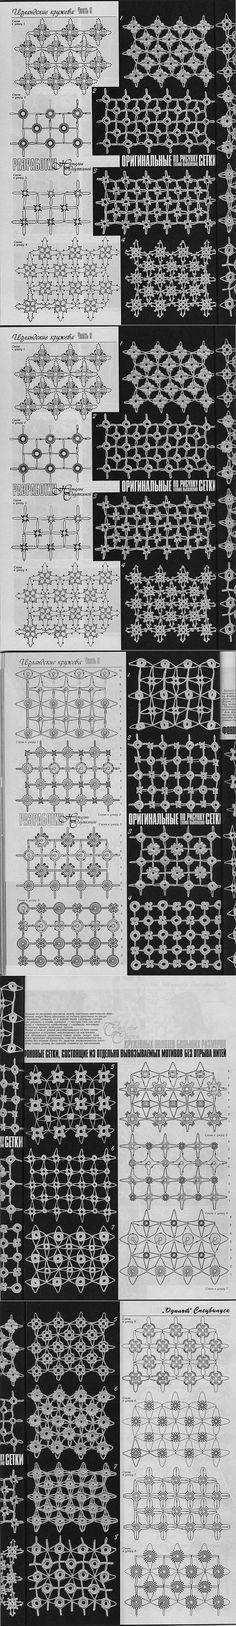 Вязание крючком | Простые схемы. Экономим время на Постиле